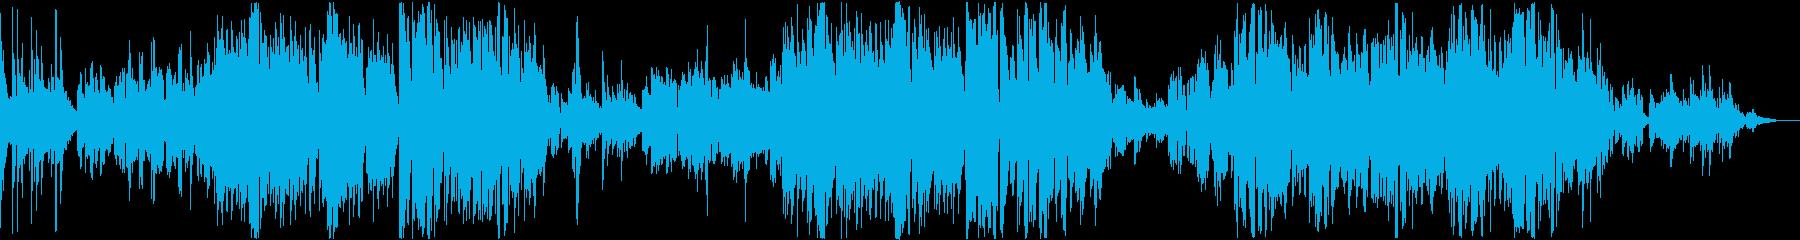 暖かなアコースティックバラードの再生済みの波形